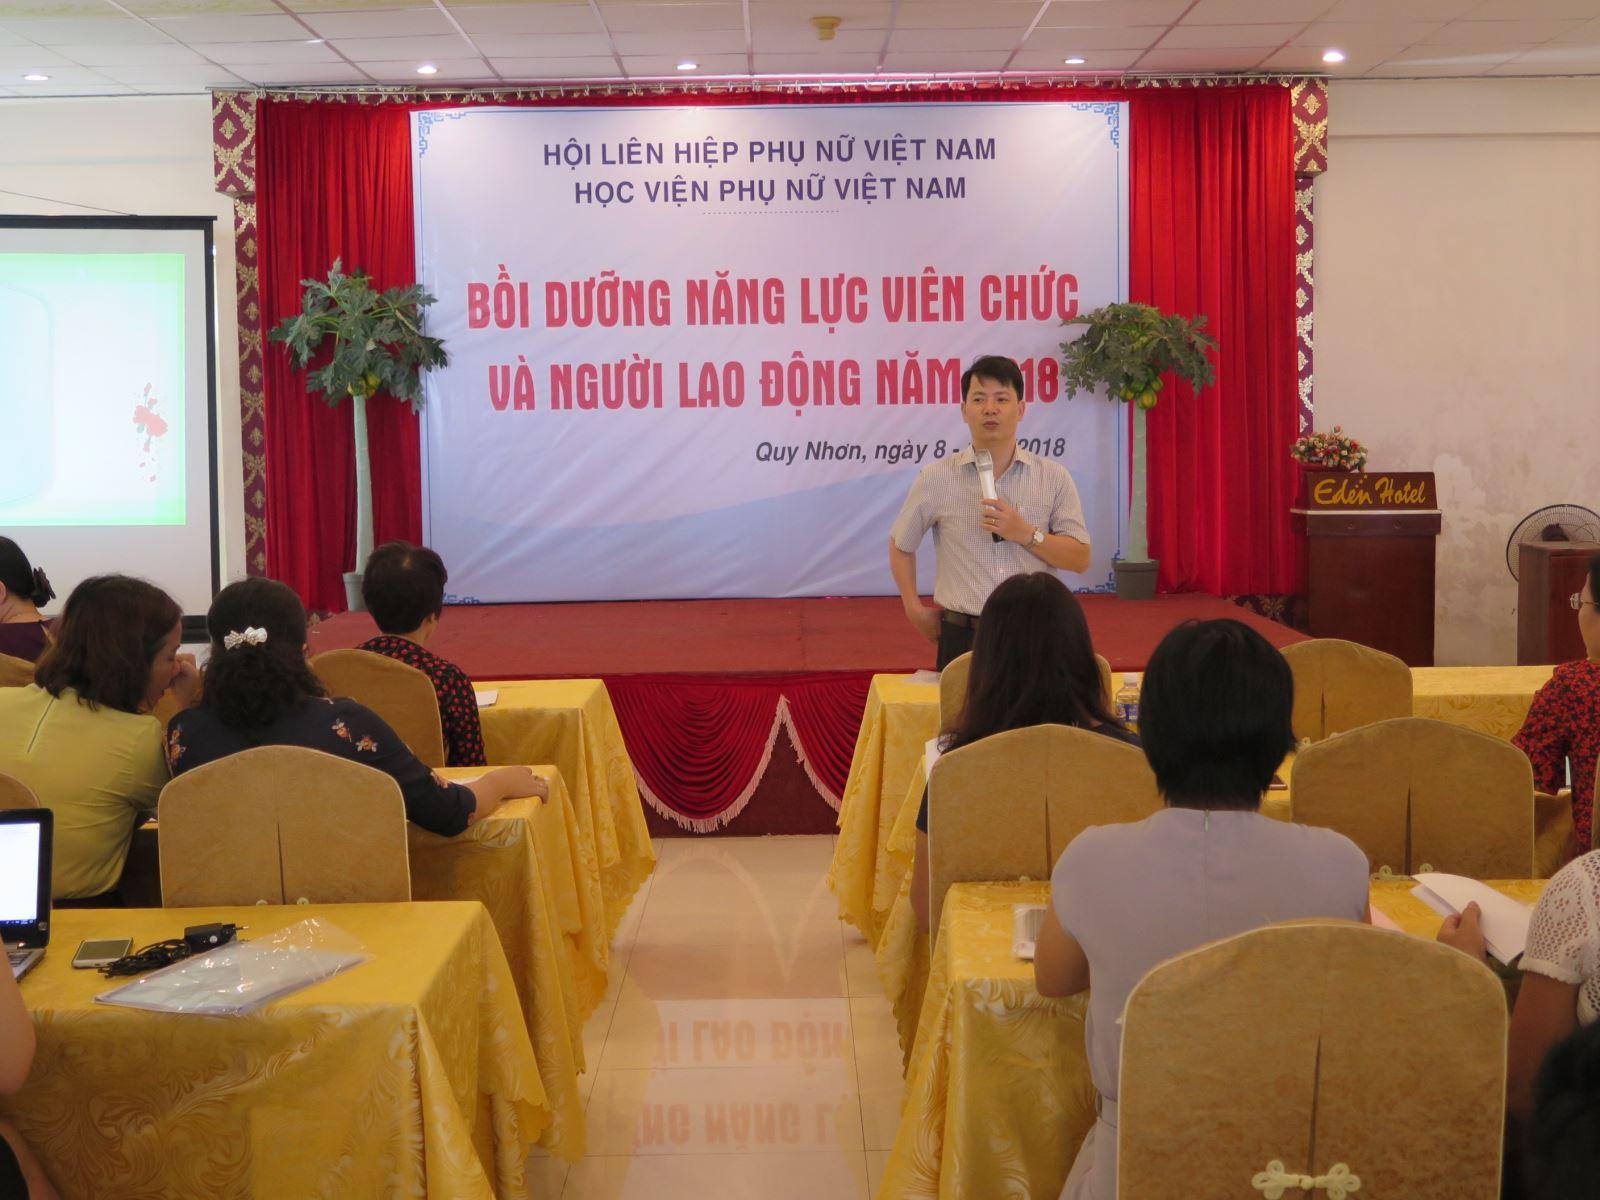 Học viện Phụ nữ Việt Nam tổ chức khóa bồi dưỡng nâng cao năng lực viên chức và người lao động